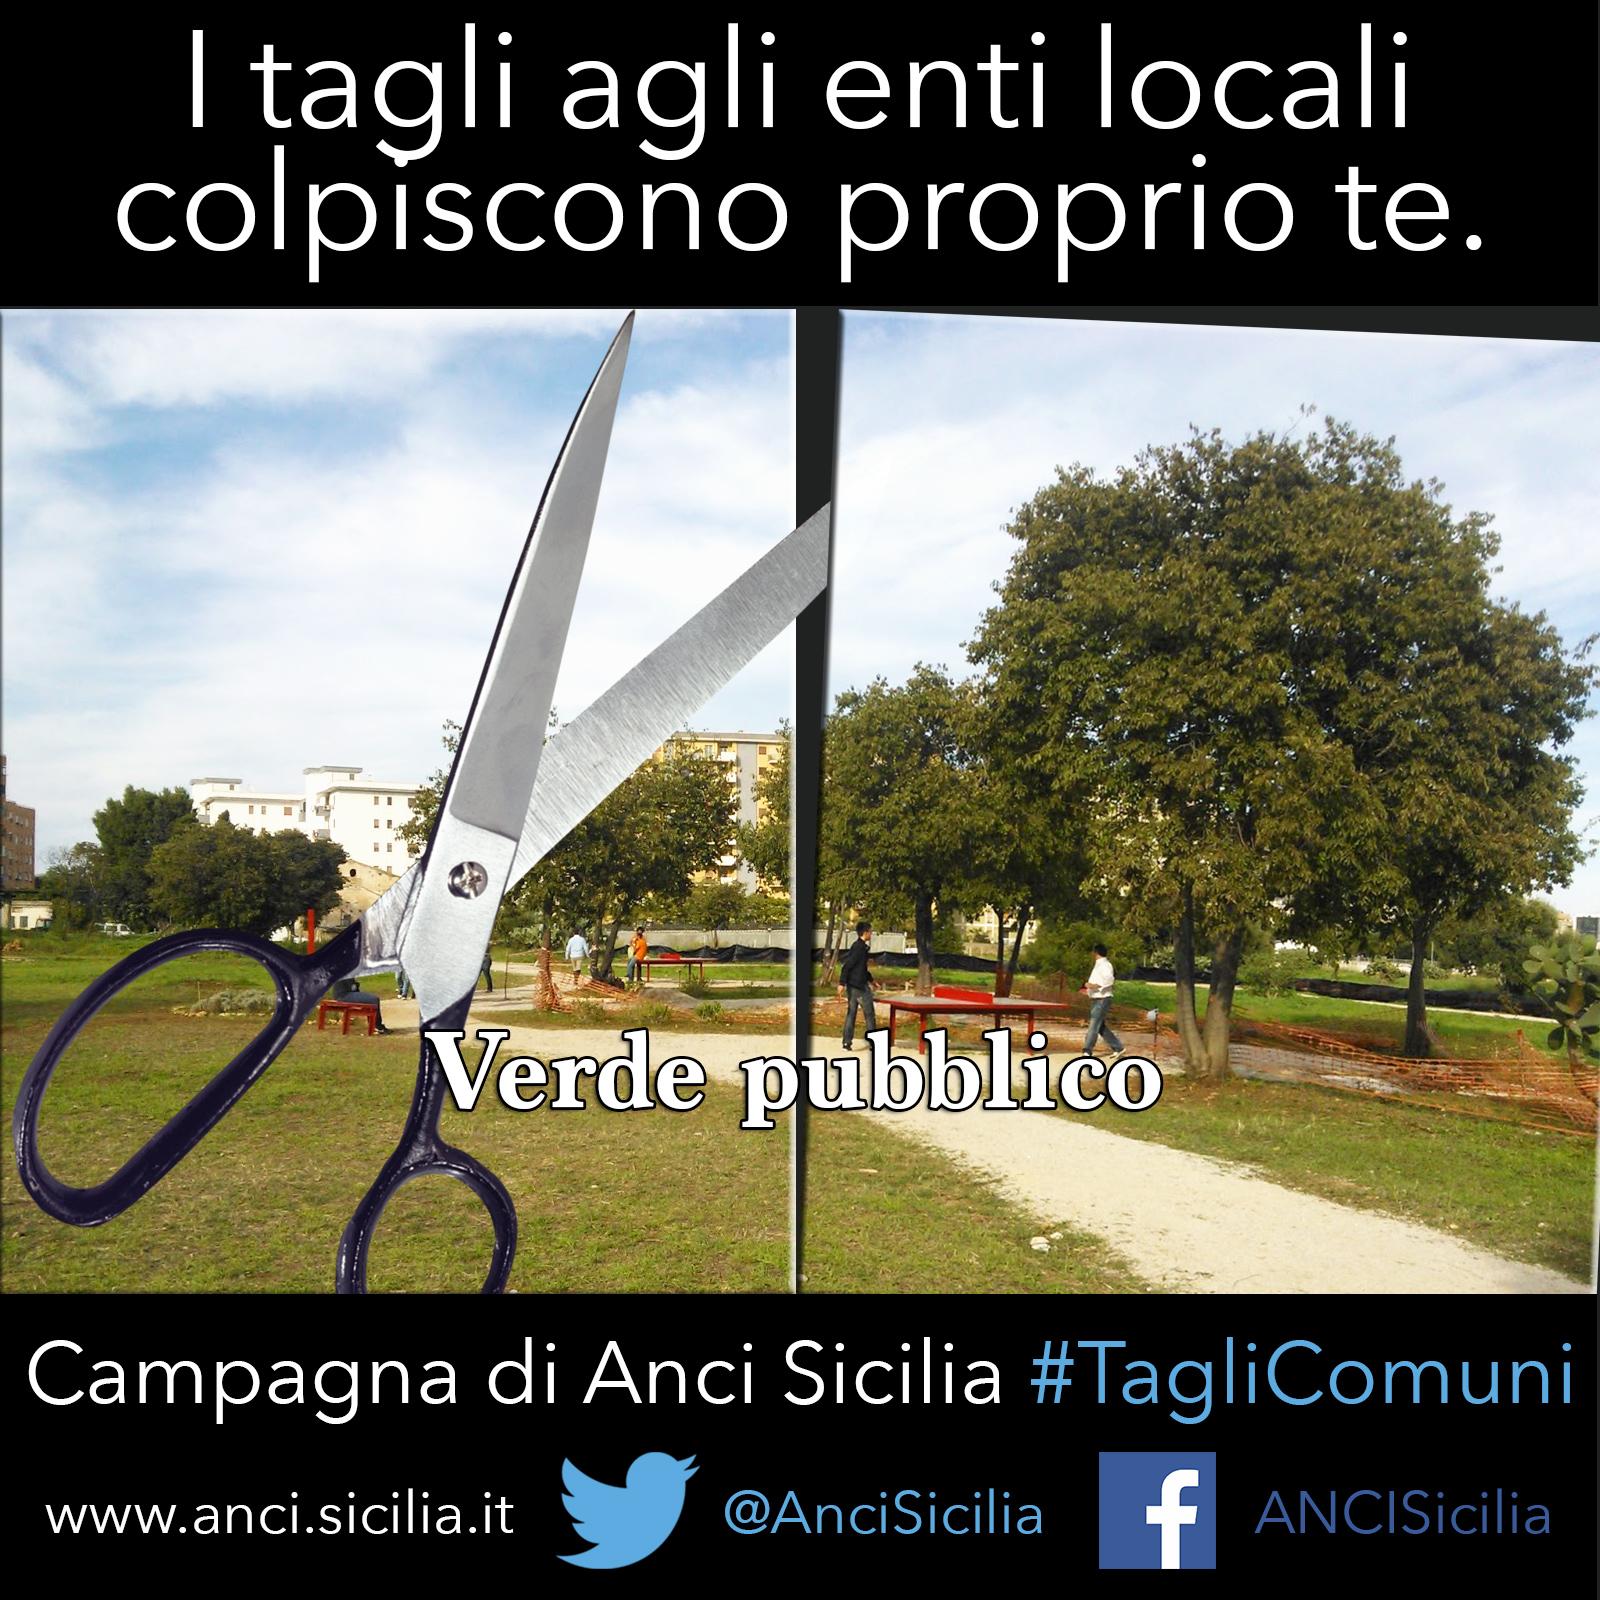 TagliComuni - verde pubblico